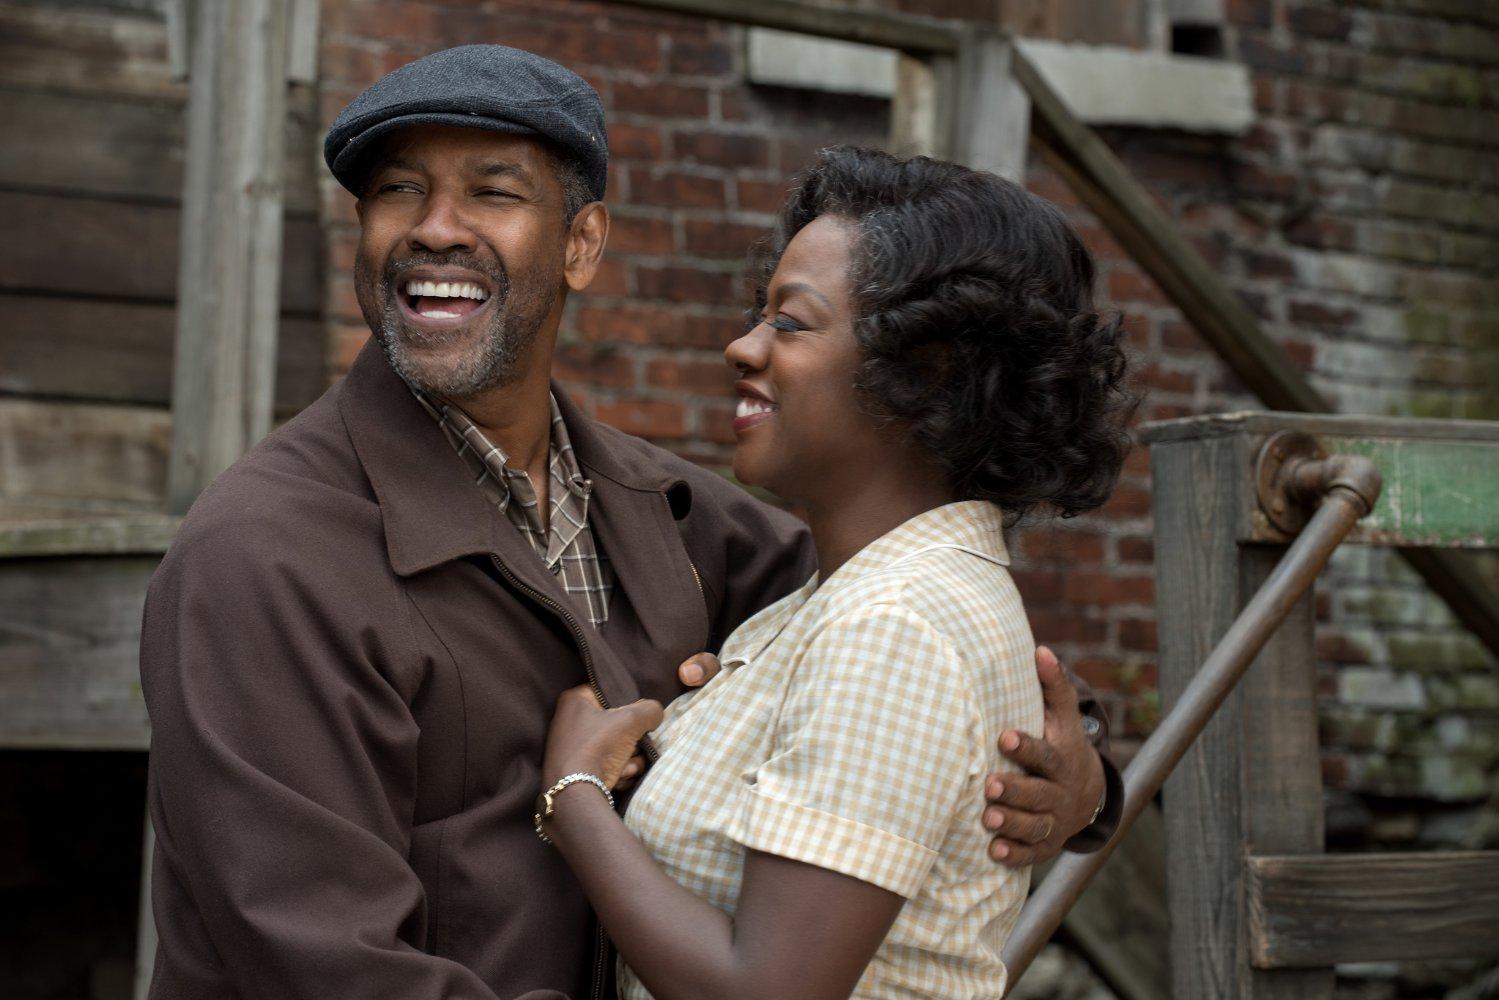 Parceria de sucesso entre Denzel Washington e Viola Davis pode resultar em Oscar para Fences (photo by cine.gr)